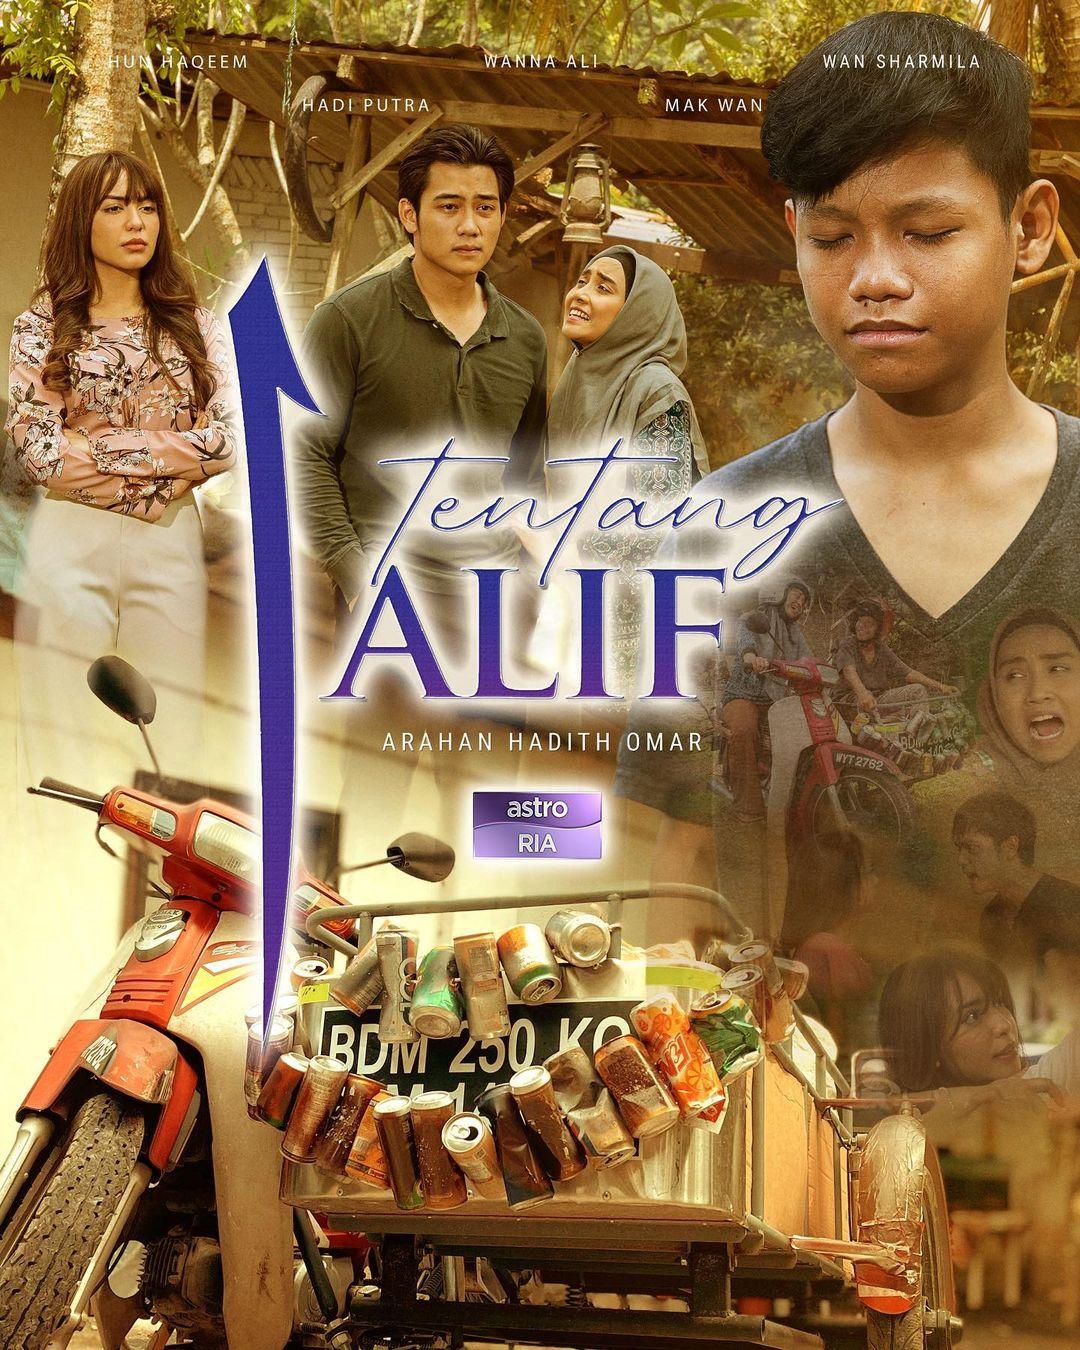 Telefilem Tentang Alif